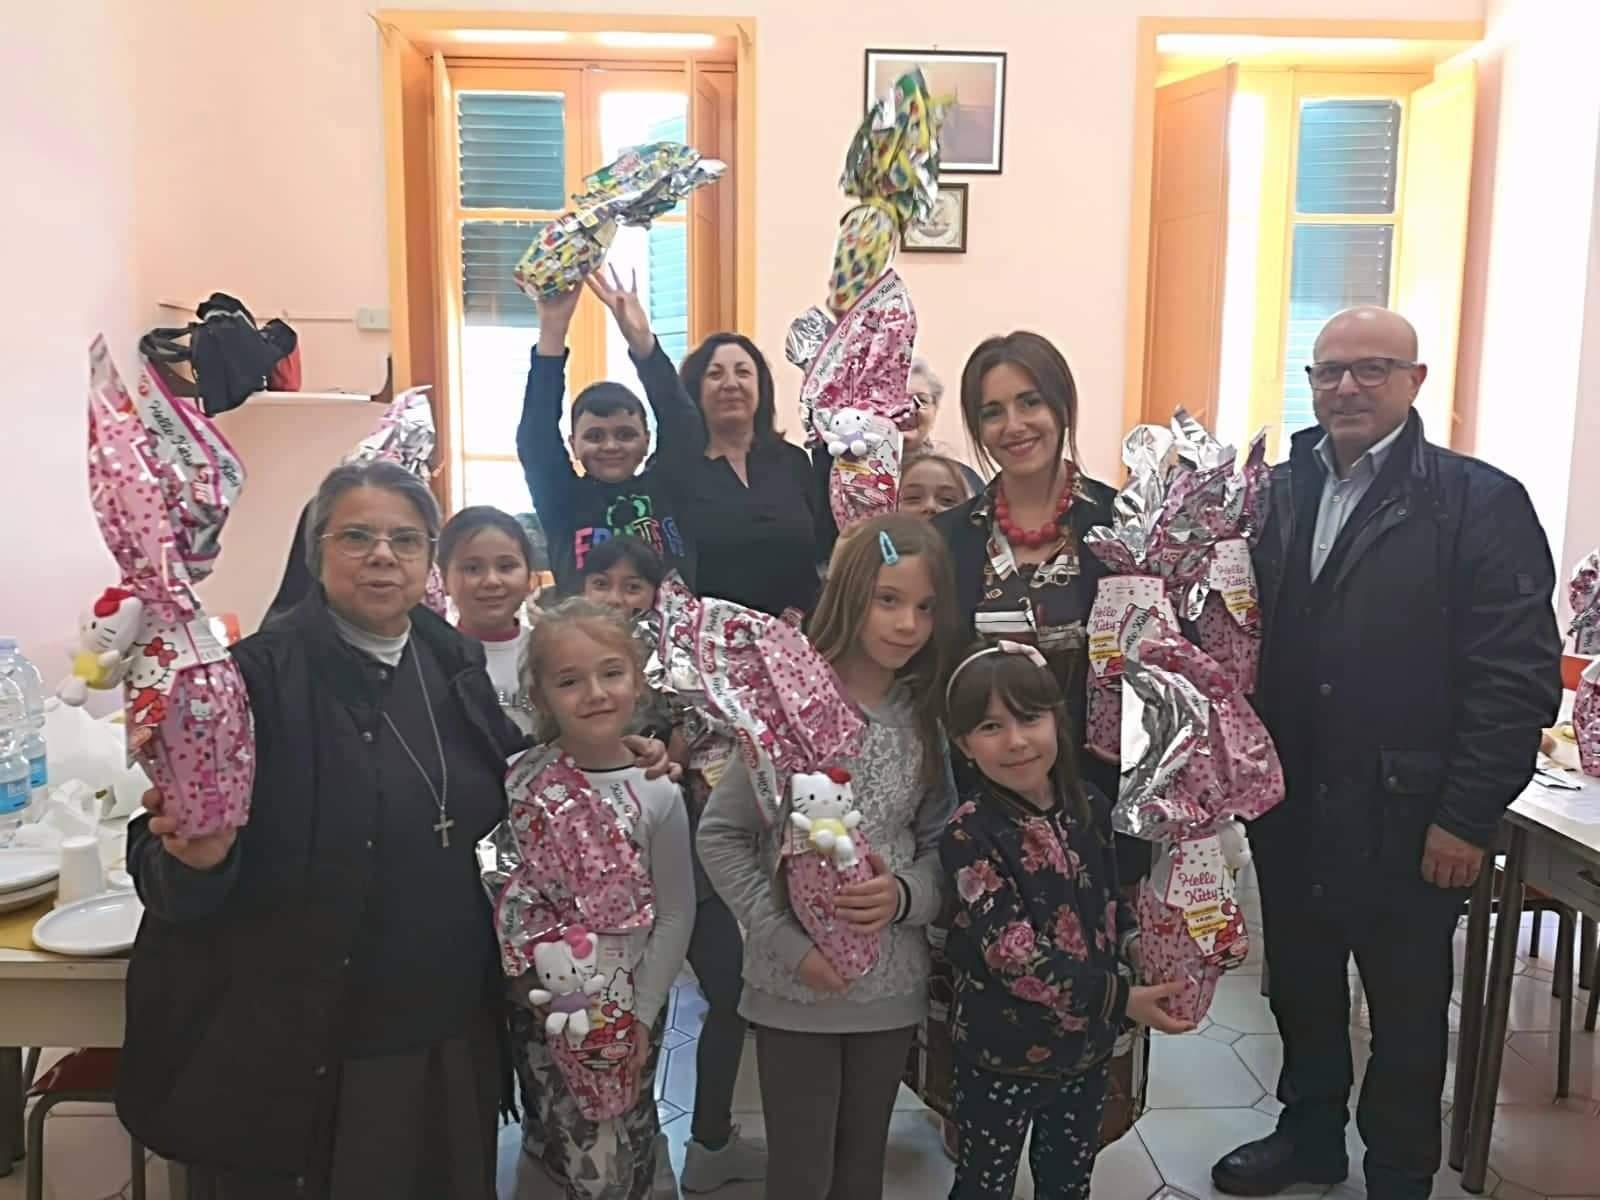 Barcellona PG. L'Assessore Angelita Pino in visita alla mensa sociale di Via Immacolata. Donate uova di Pasqua ai bimbi